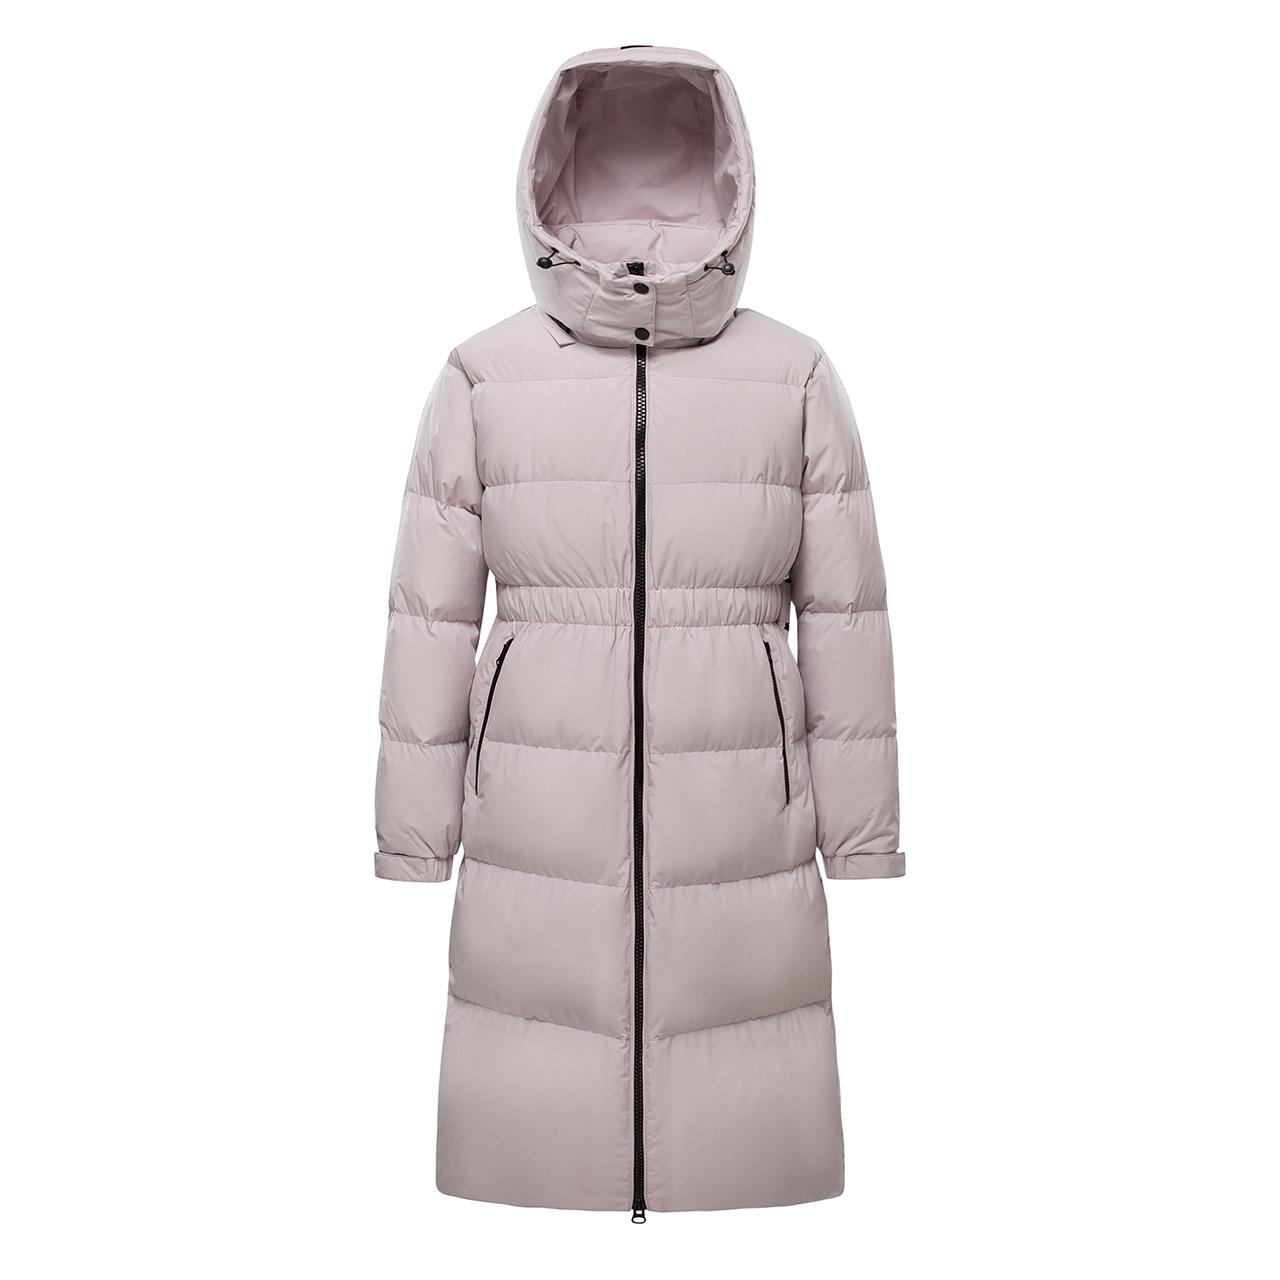 雪中飞2021秋冬新款女士温暖连帽立体收腰户外高峰滑雪长款羽绒服